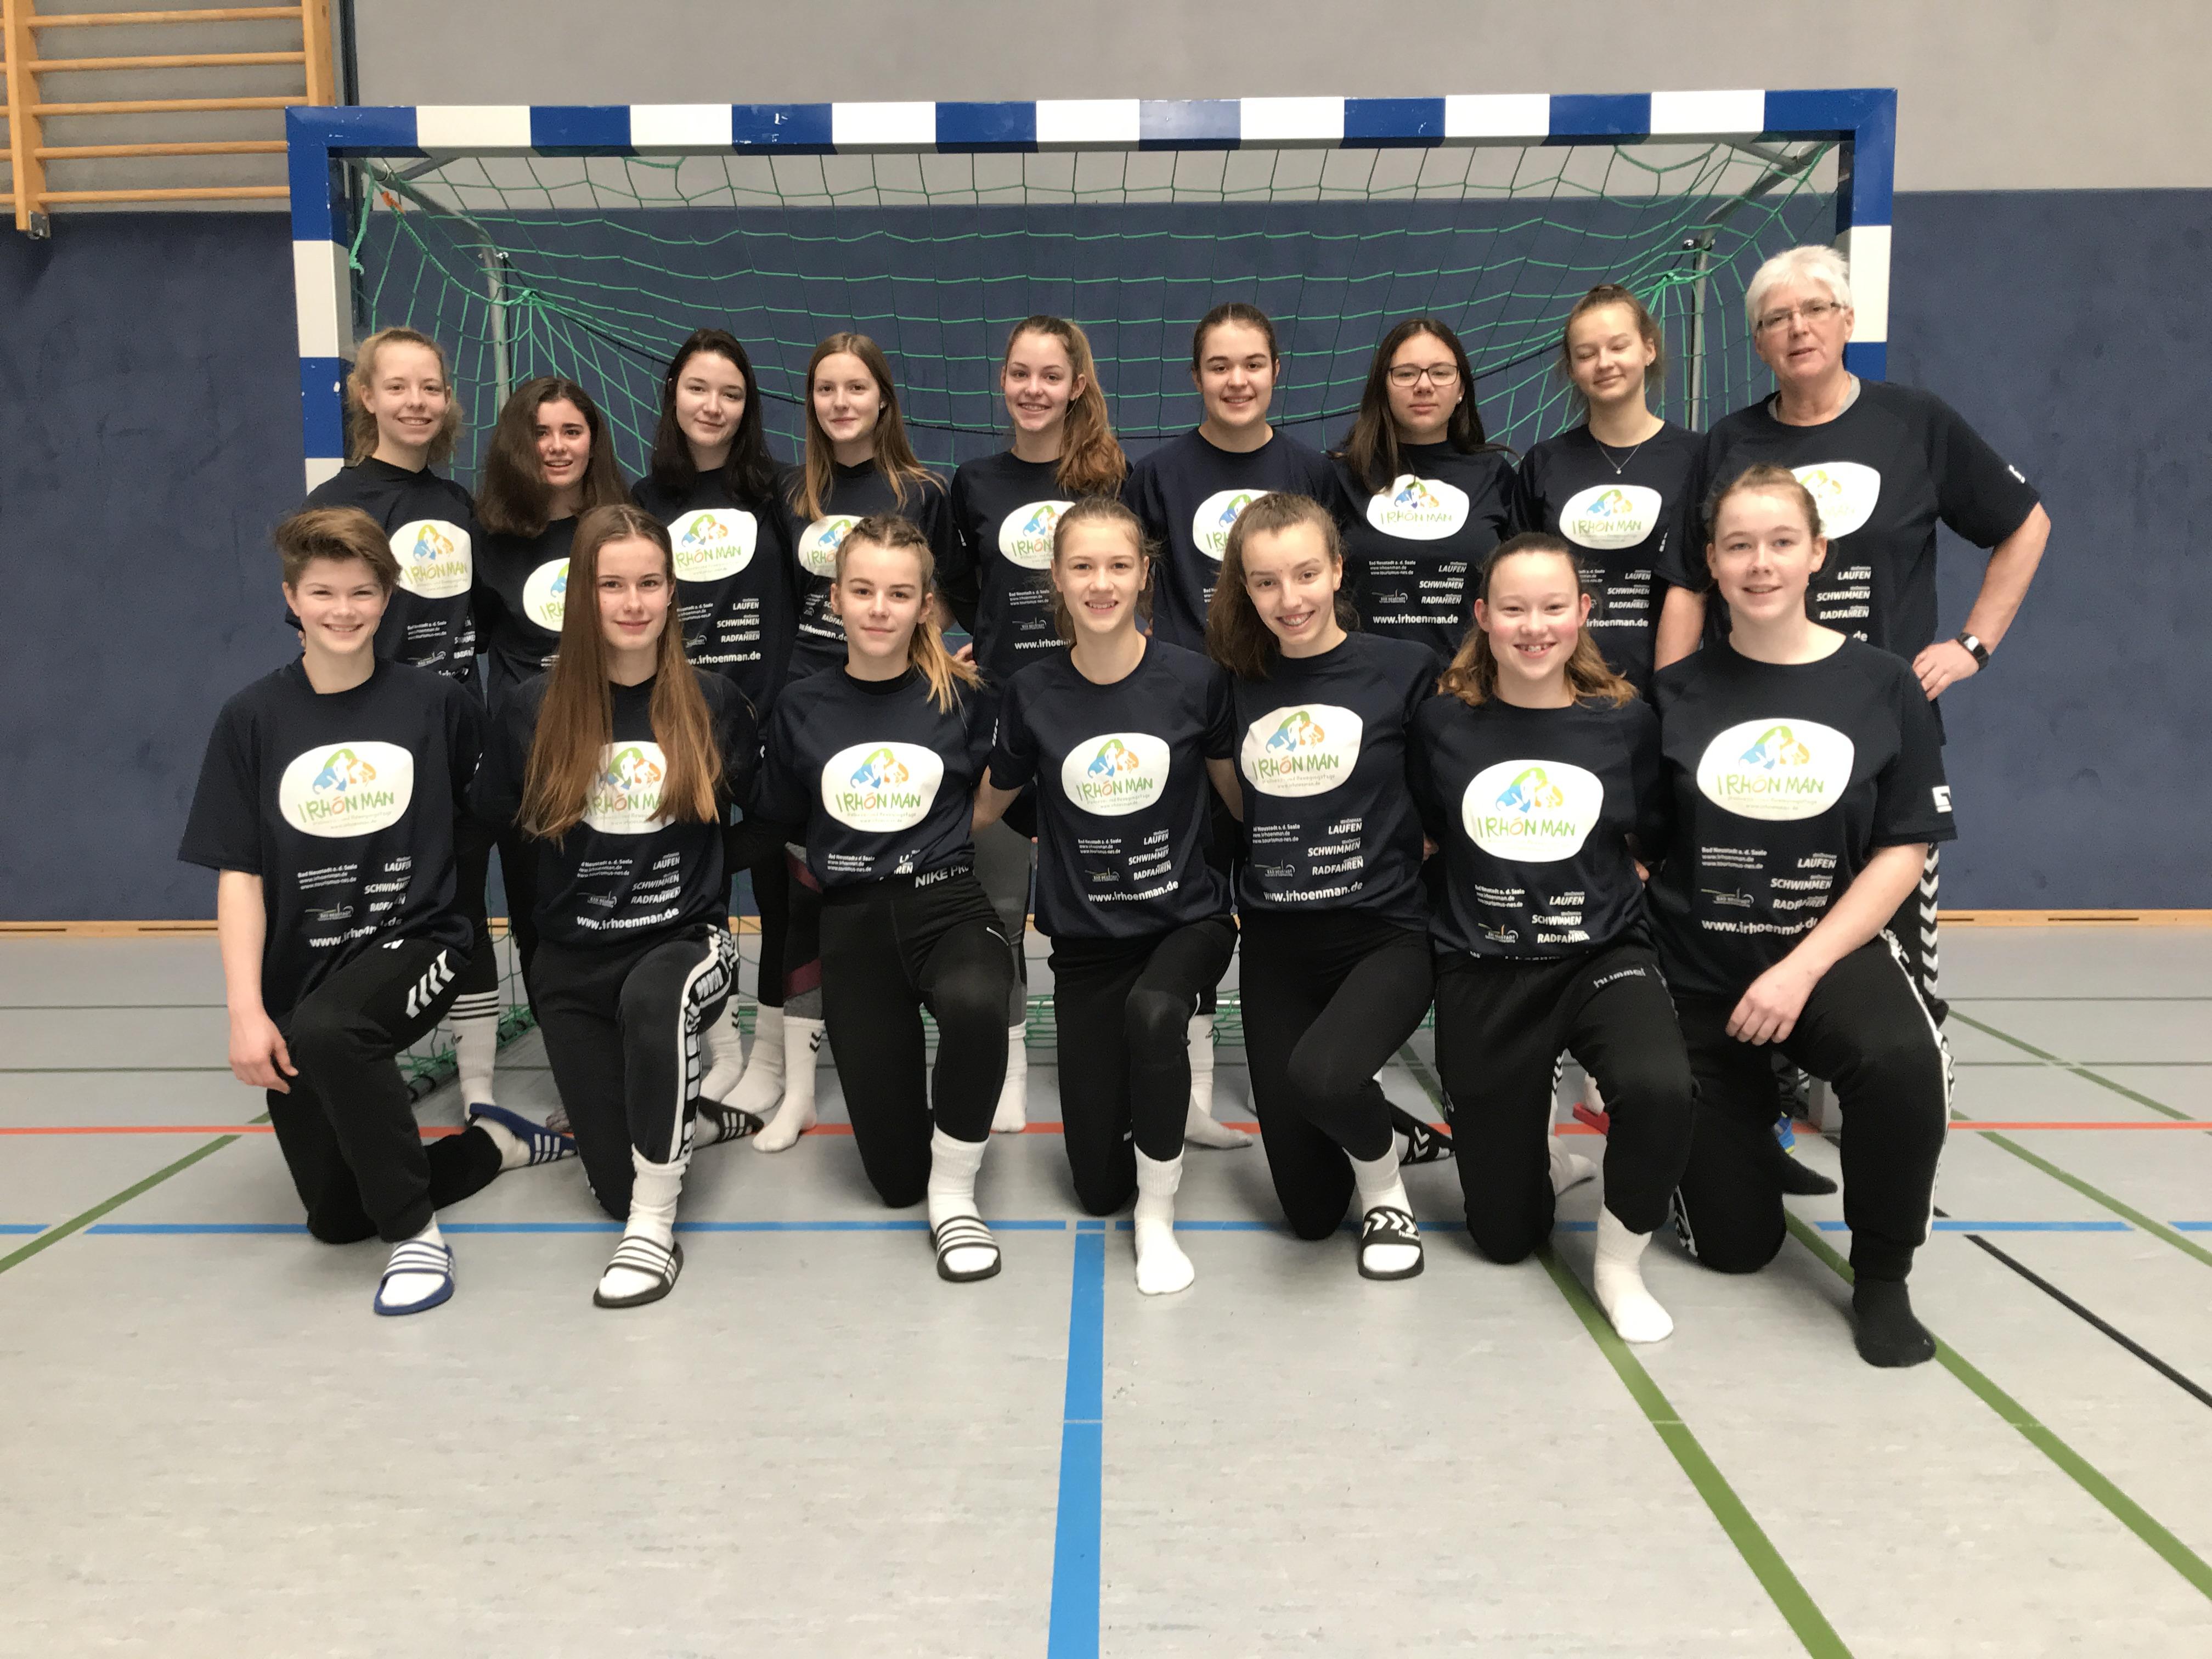 Vfl Bad Neustadt Handball